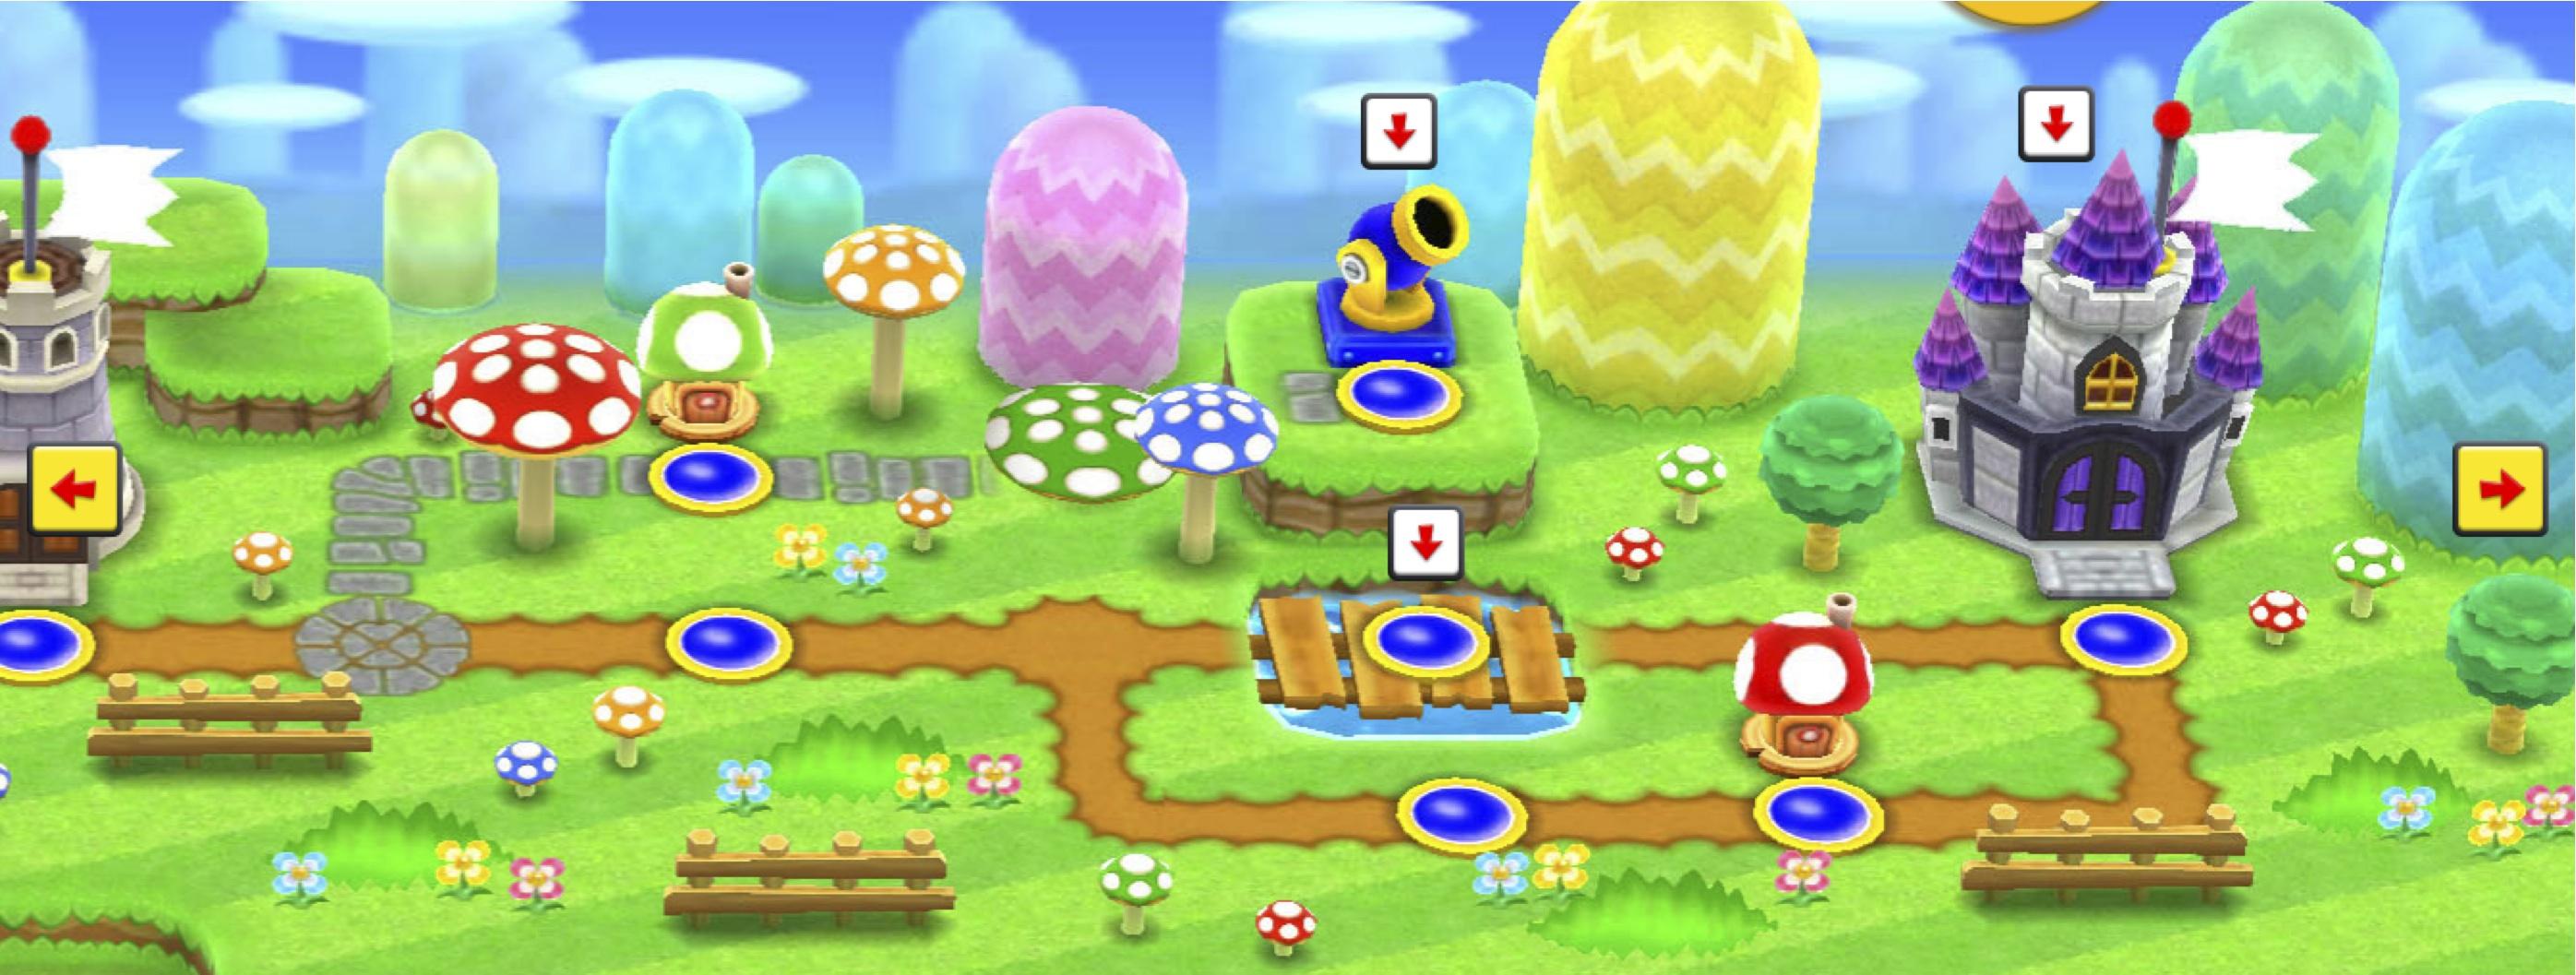 New Super Mario Bros  2 Japanese Website Updates - Mario